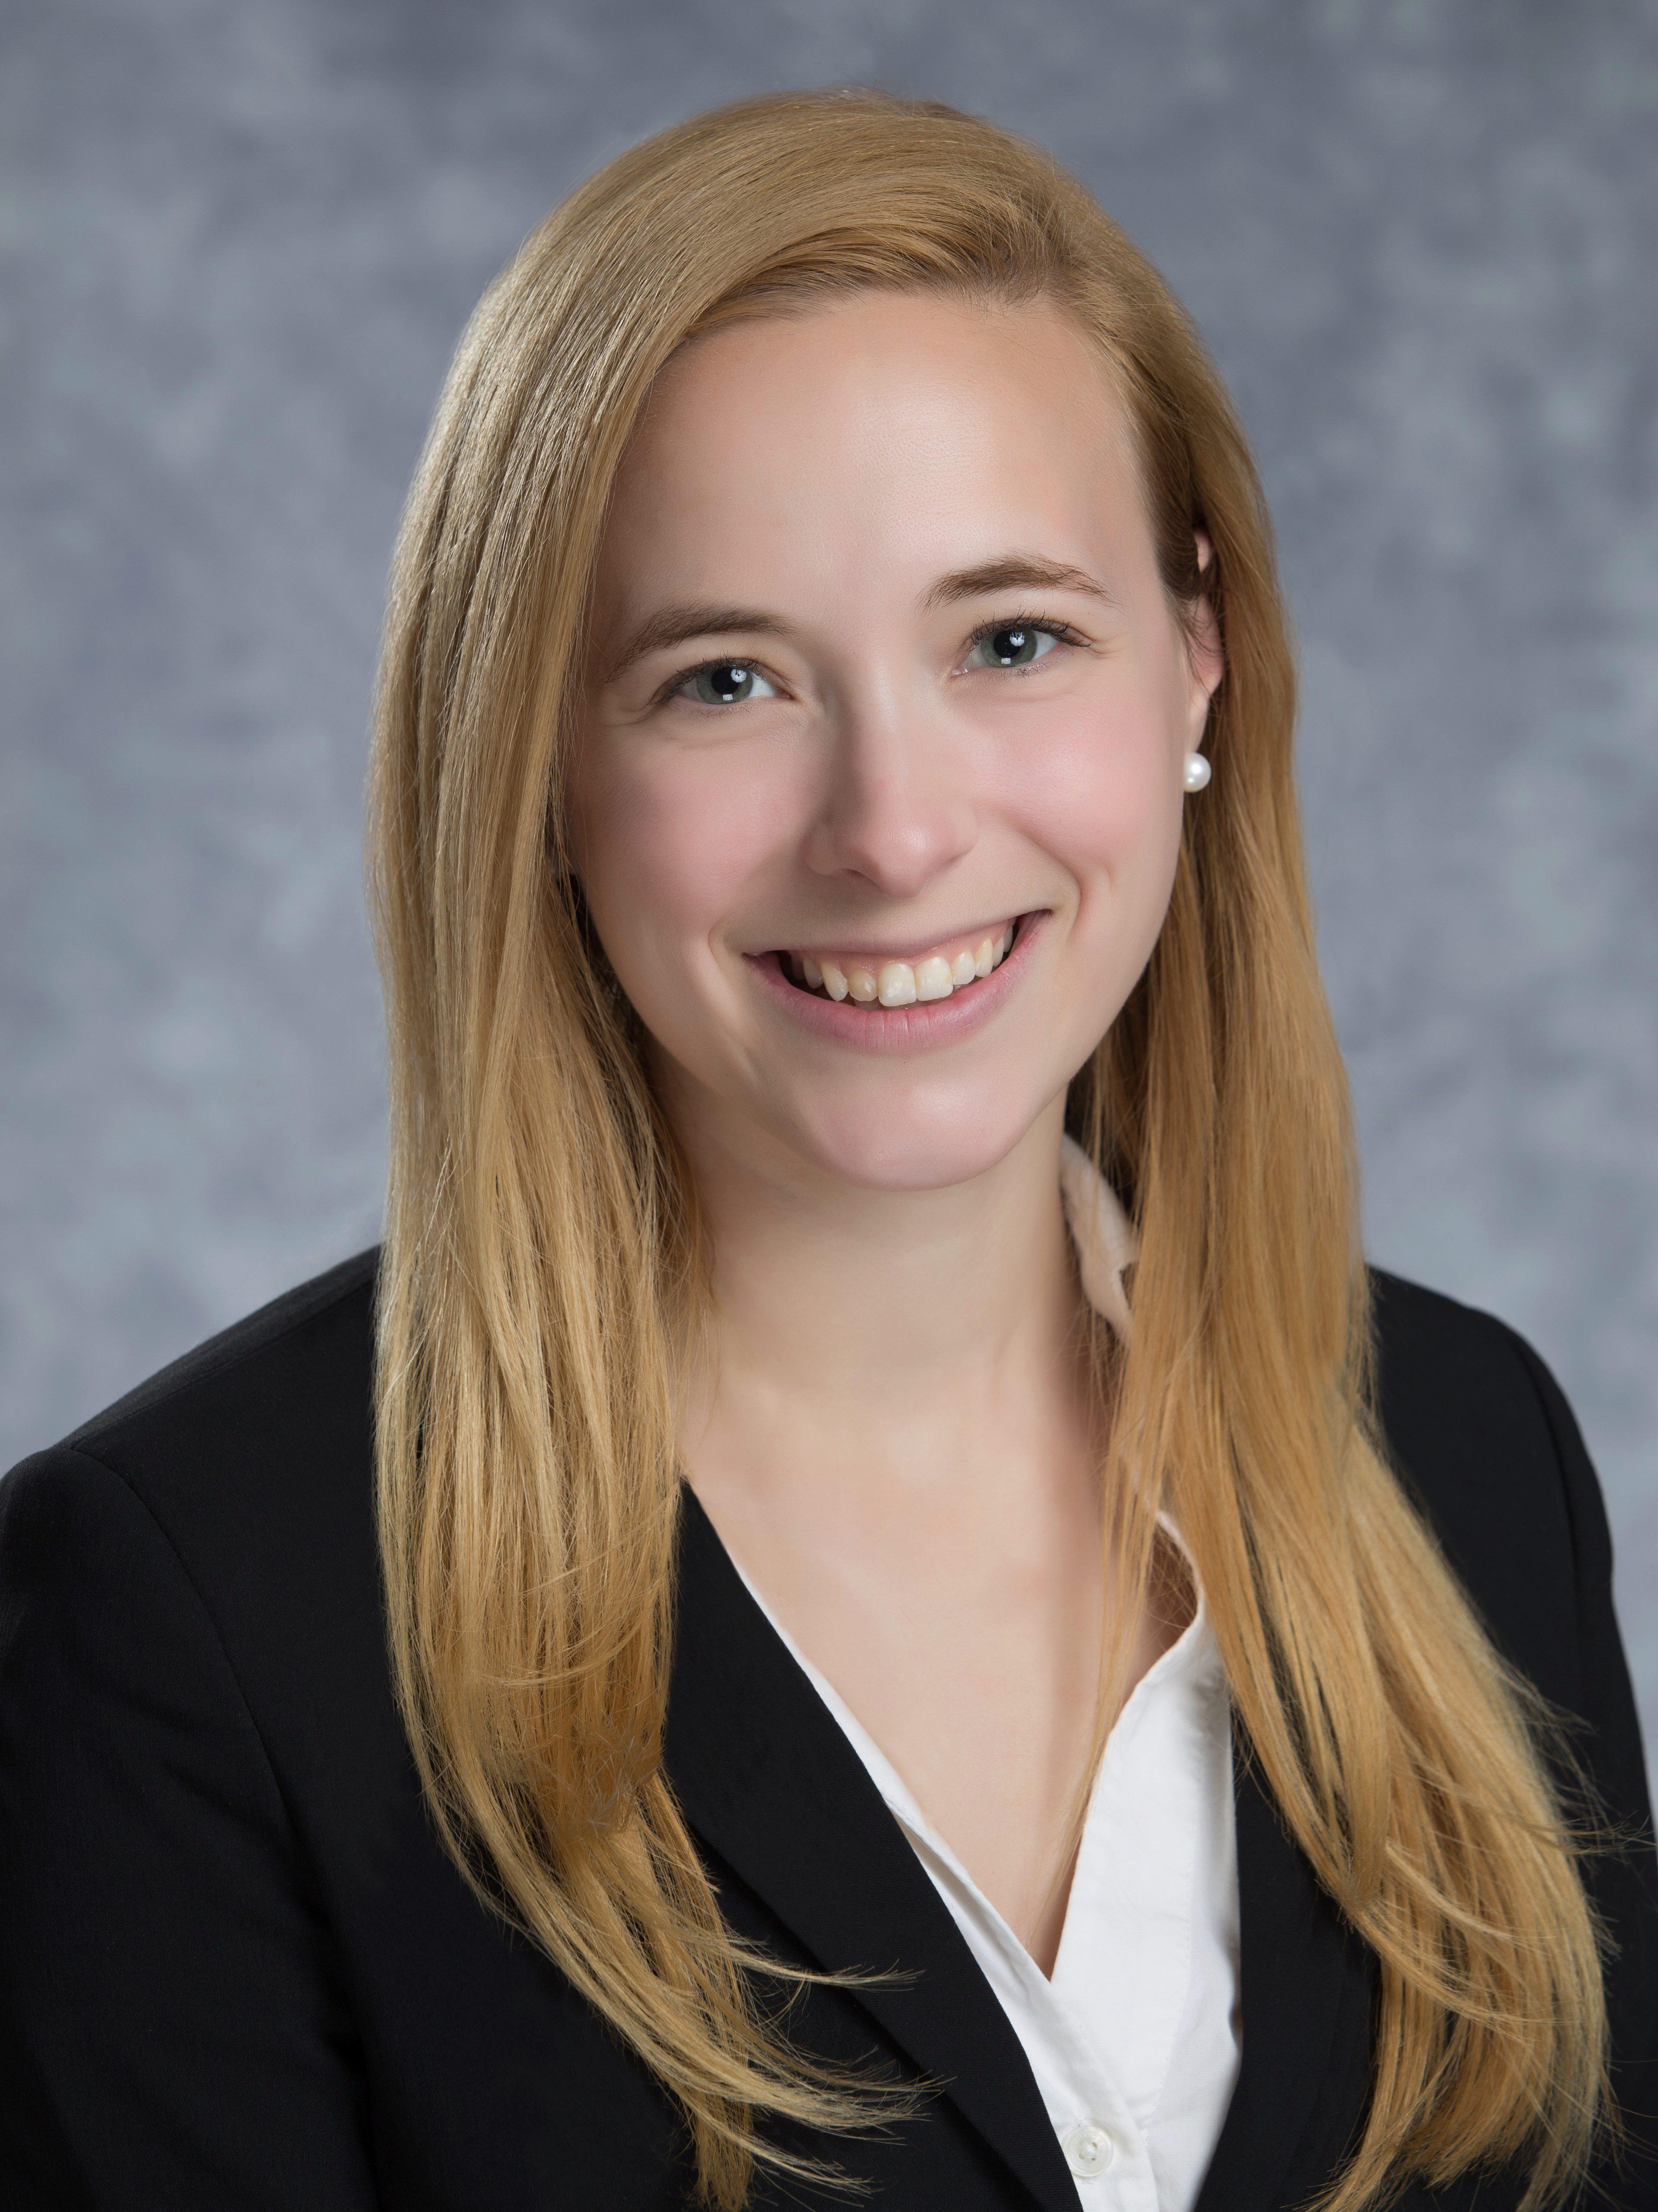 Emma Boswell Dean